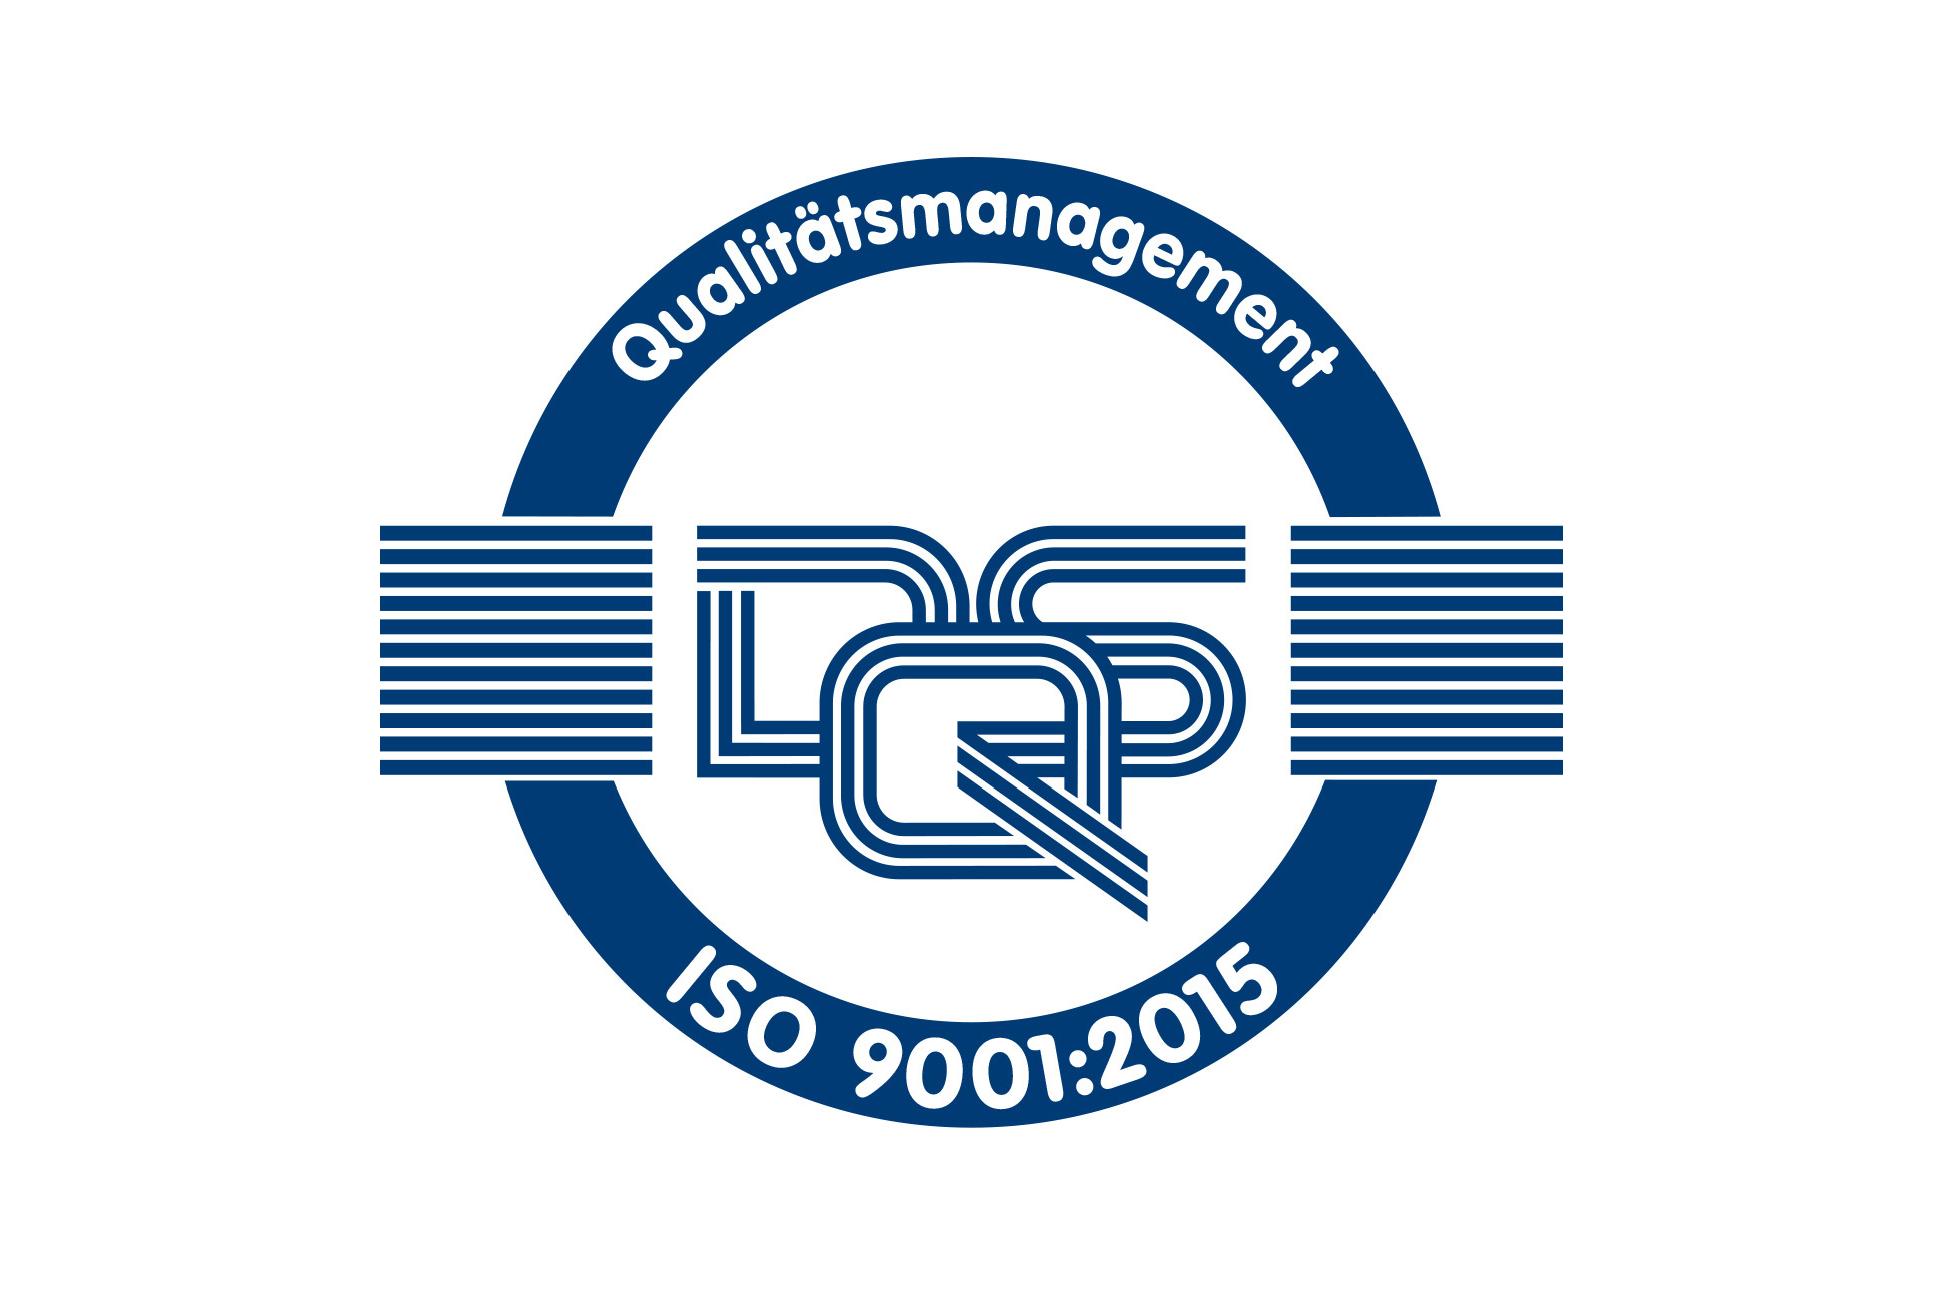 Qualitätsmanagement Campaign